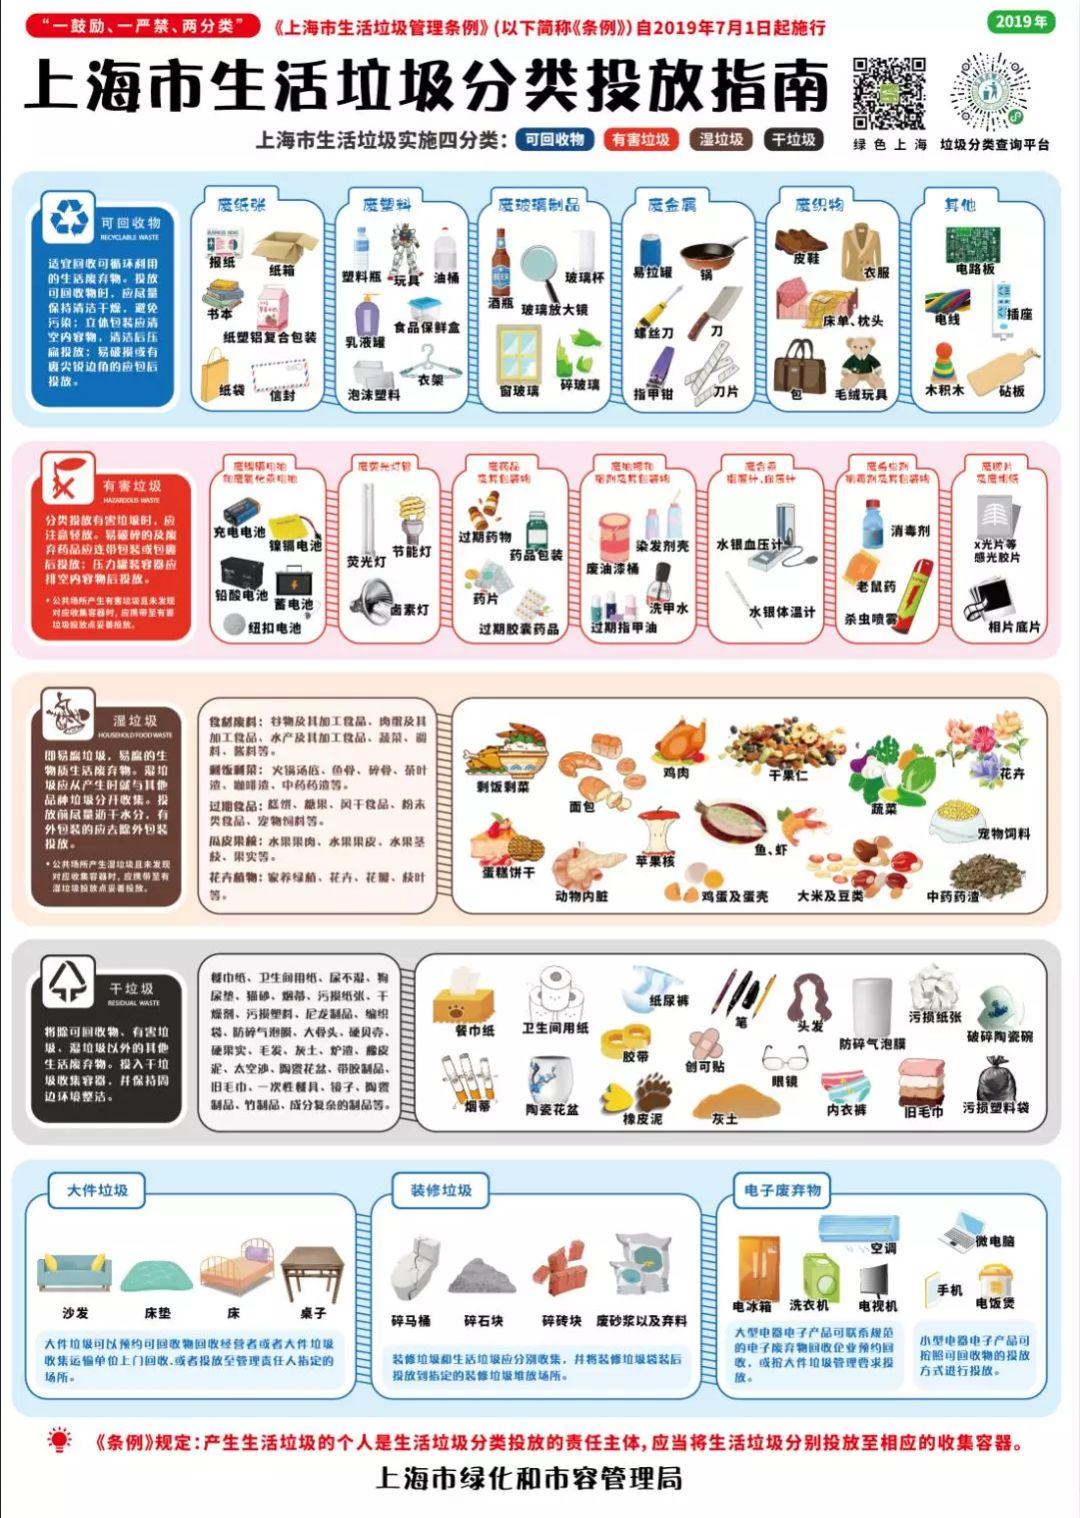 上海市生活垃圾分类投放指南图片1